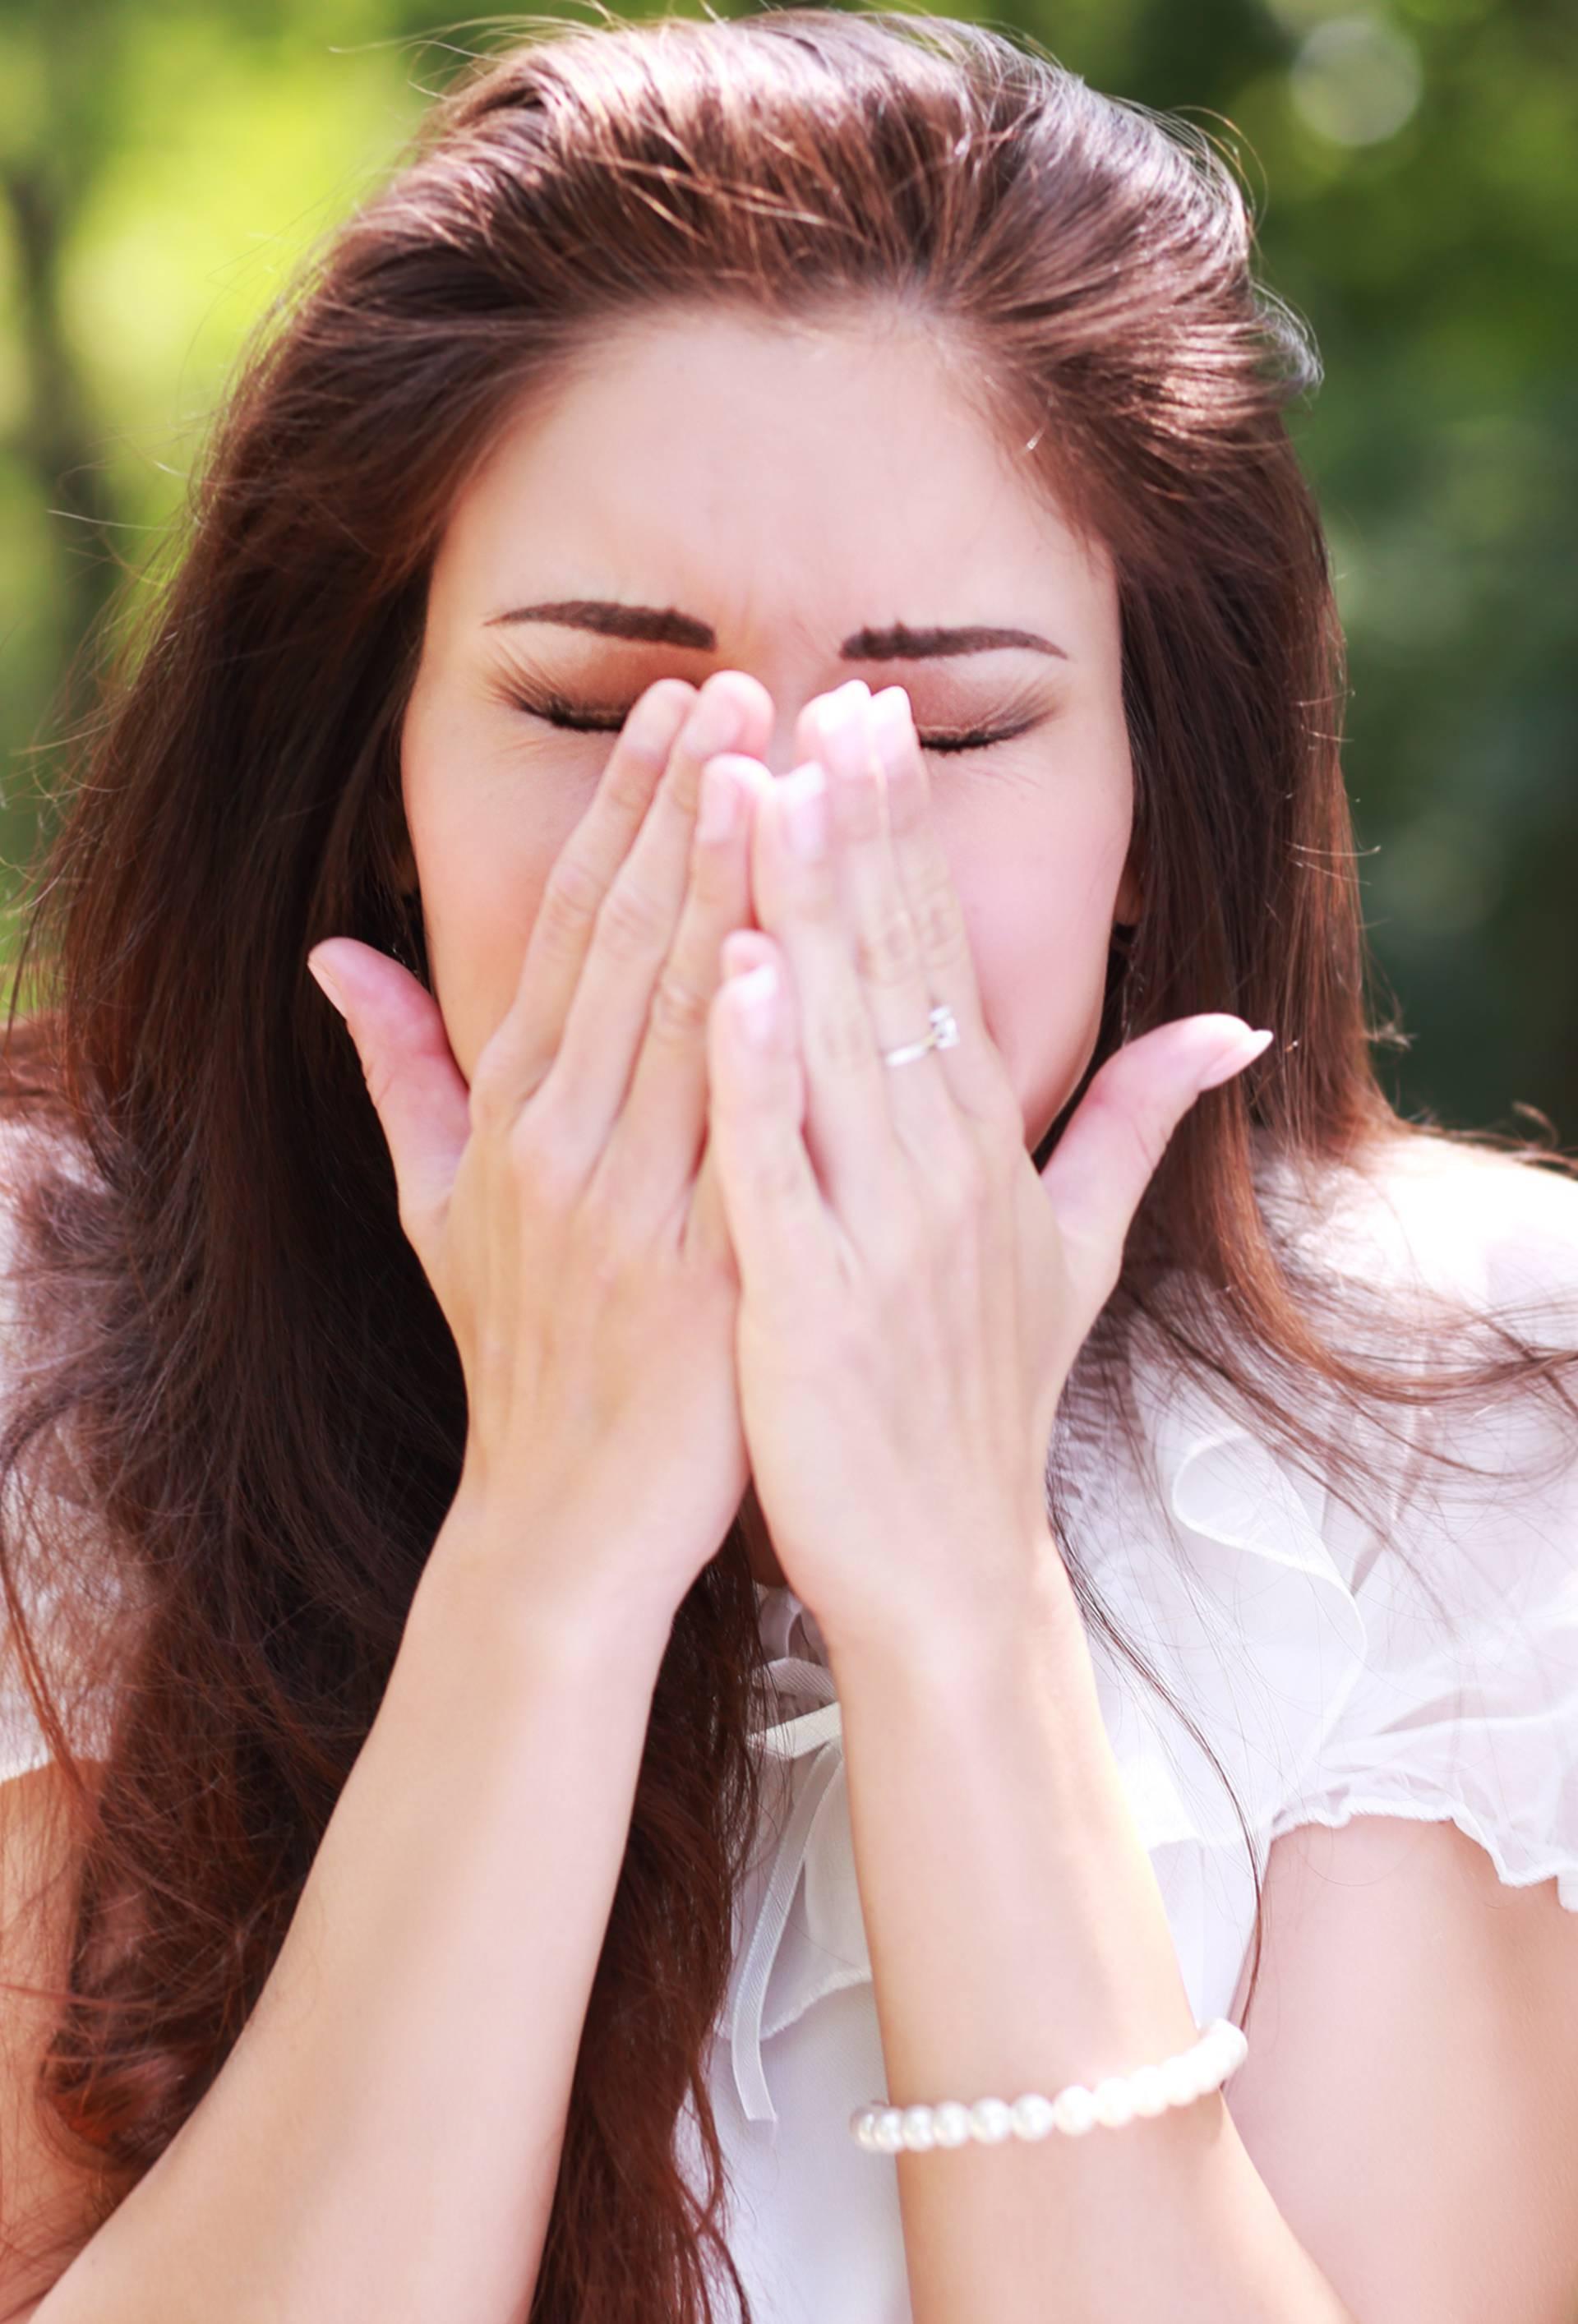 Prirodom protiv alergija? Samo propisana terapija kažu doktori